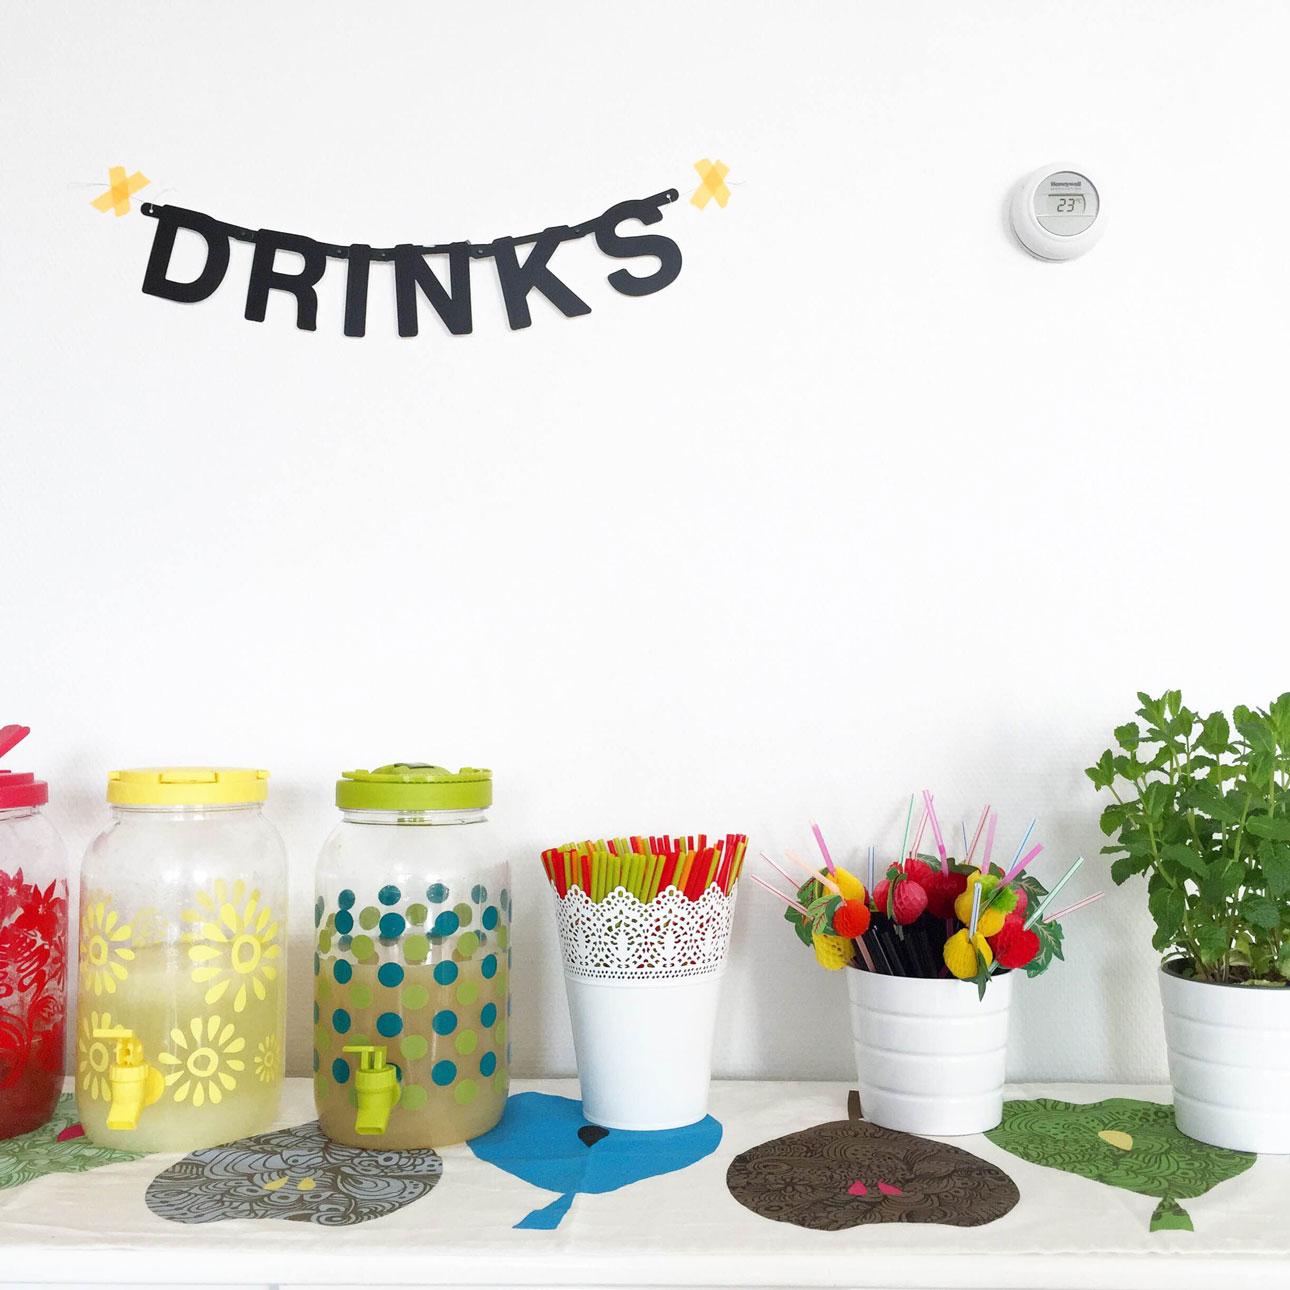 Mamalifestyle Marike - Happy Moments juni 2015 - 12. drinken voor verjaardag